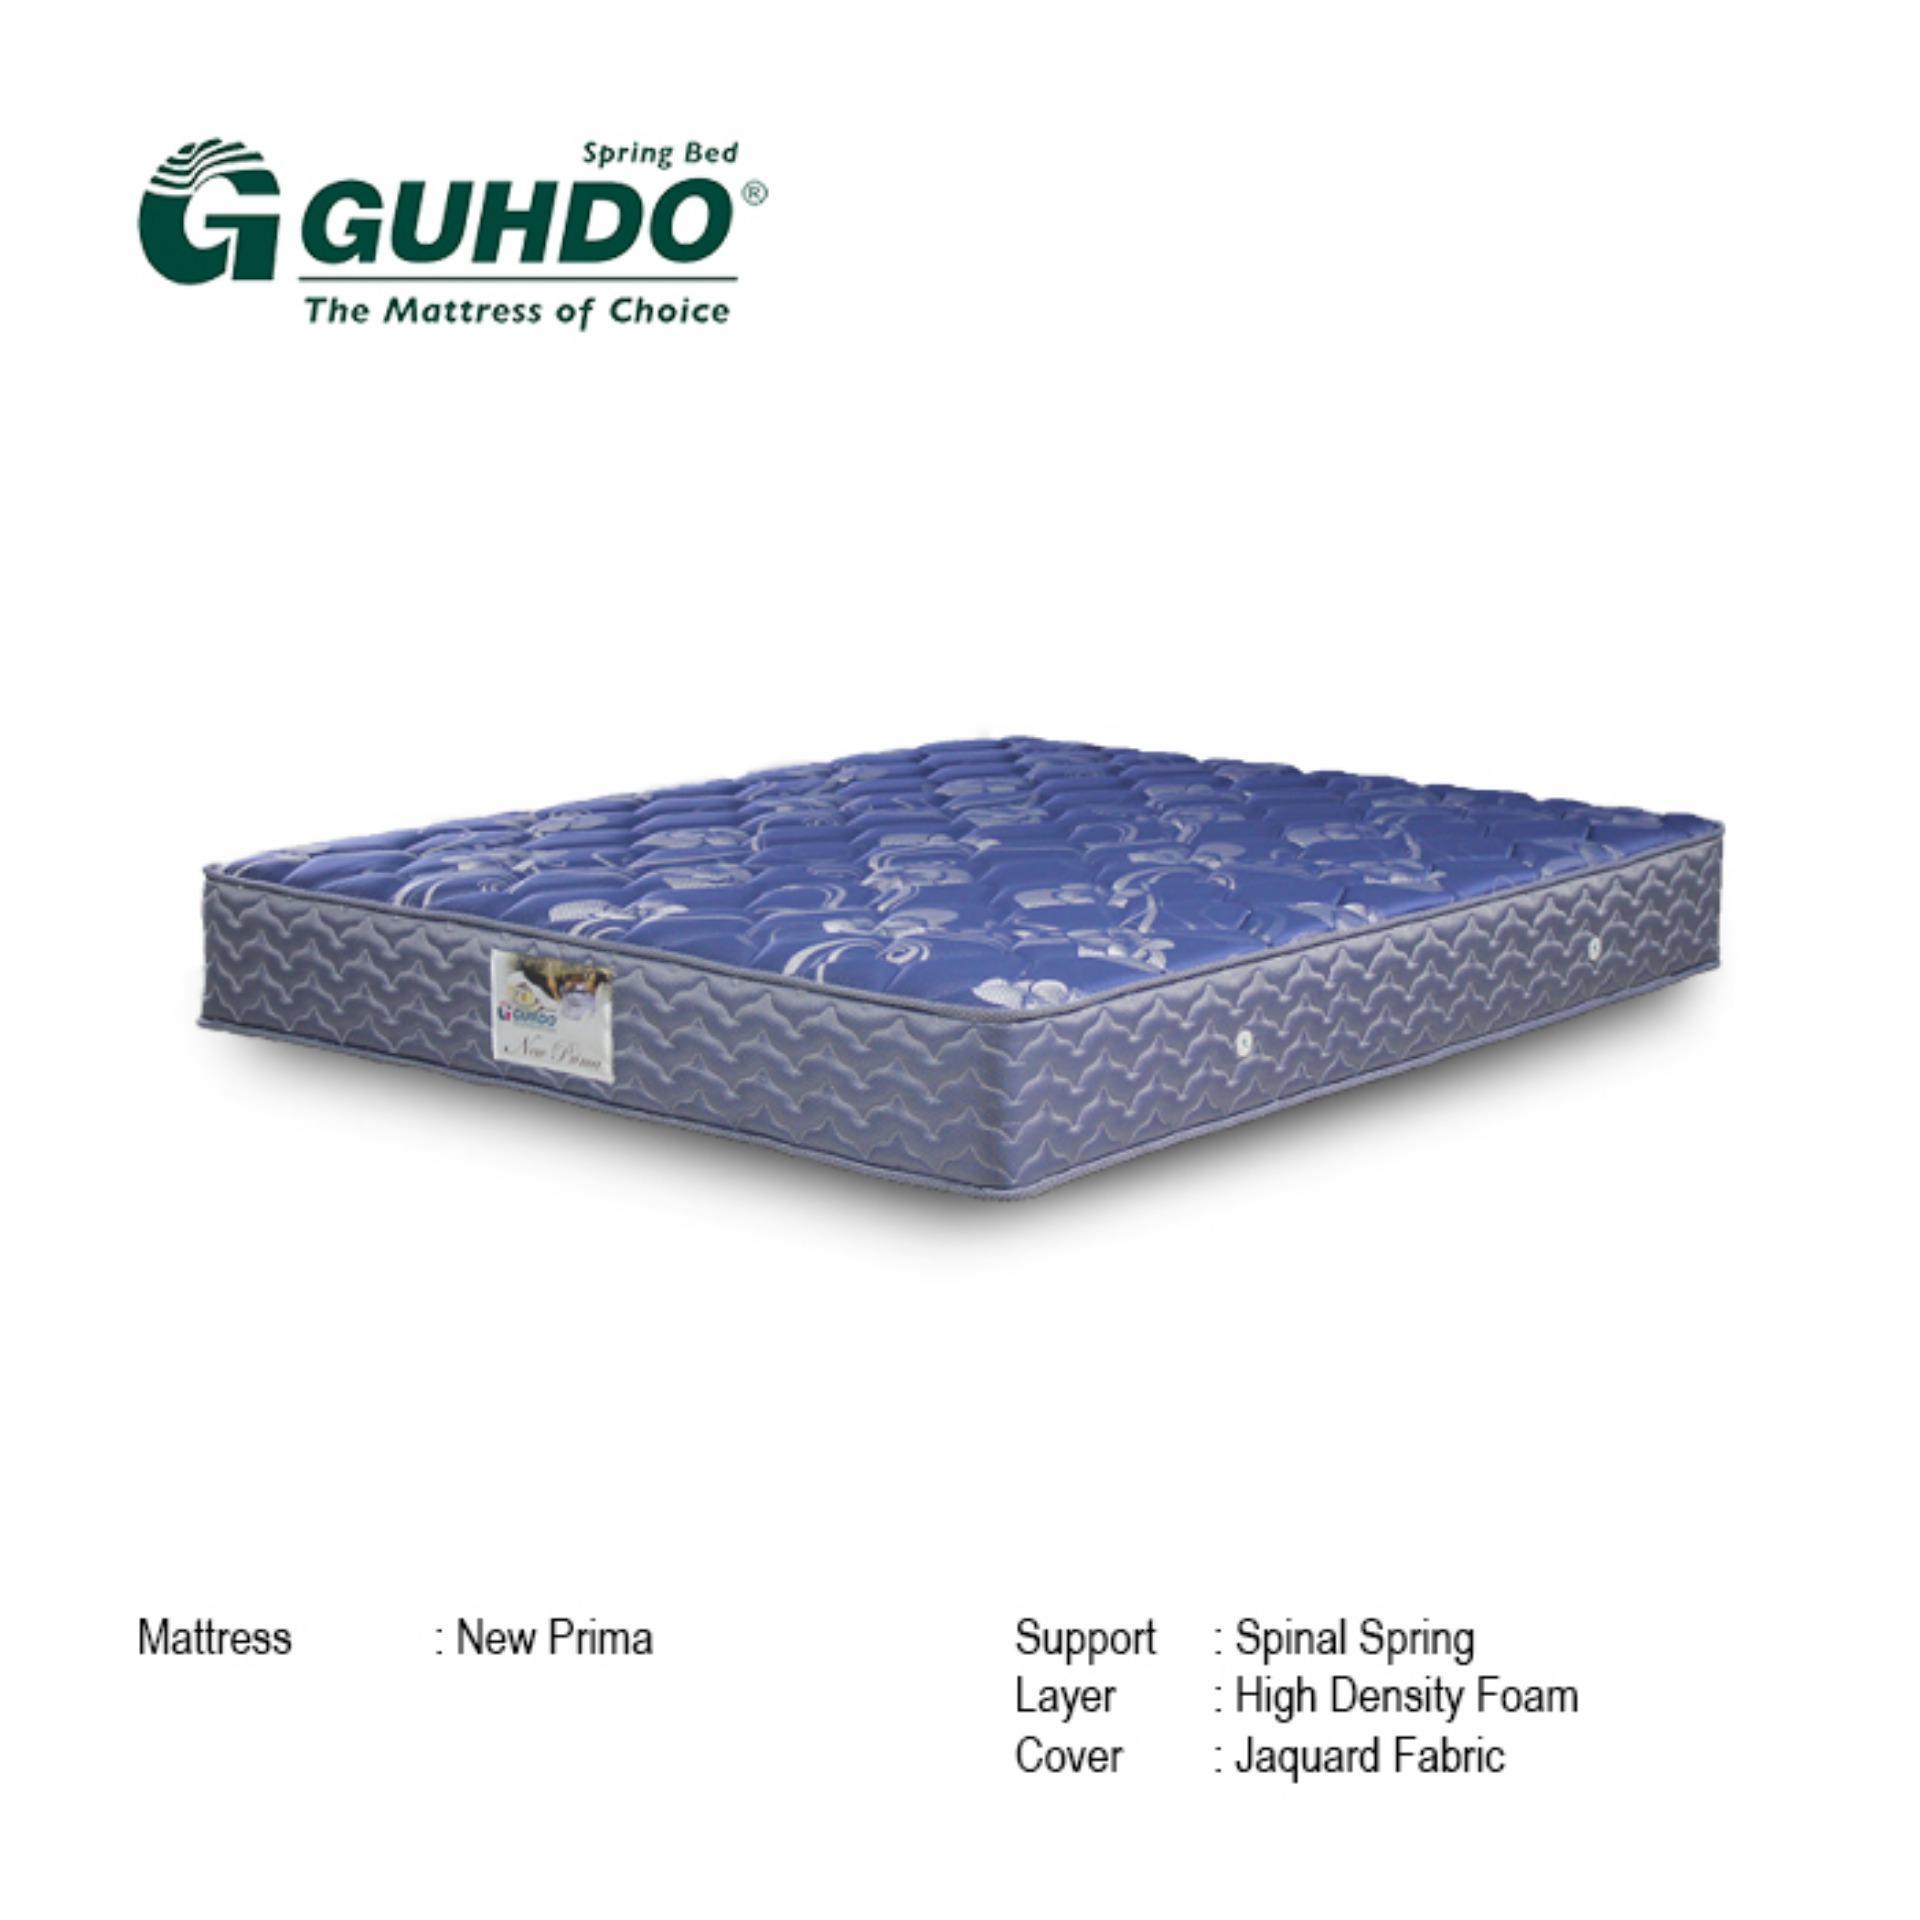 Guhdo Kasur Springbed New Prima Biru Size 140 X 200 Tebal 25 Cm Spring Bed Mattress Only Khusus Jabodetabek Lazada Indonesia Harga kasur spring bed kecil